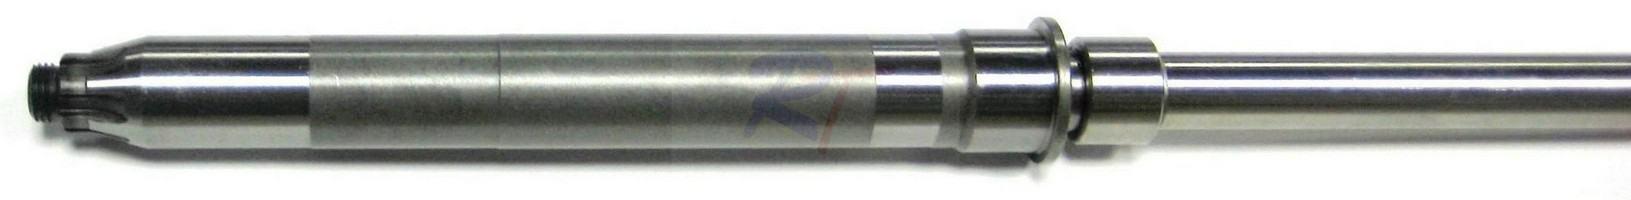 RTT-66T-45501-11. Вал ведущий, вертикальный RTT-66T-45501-11